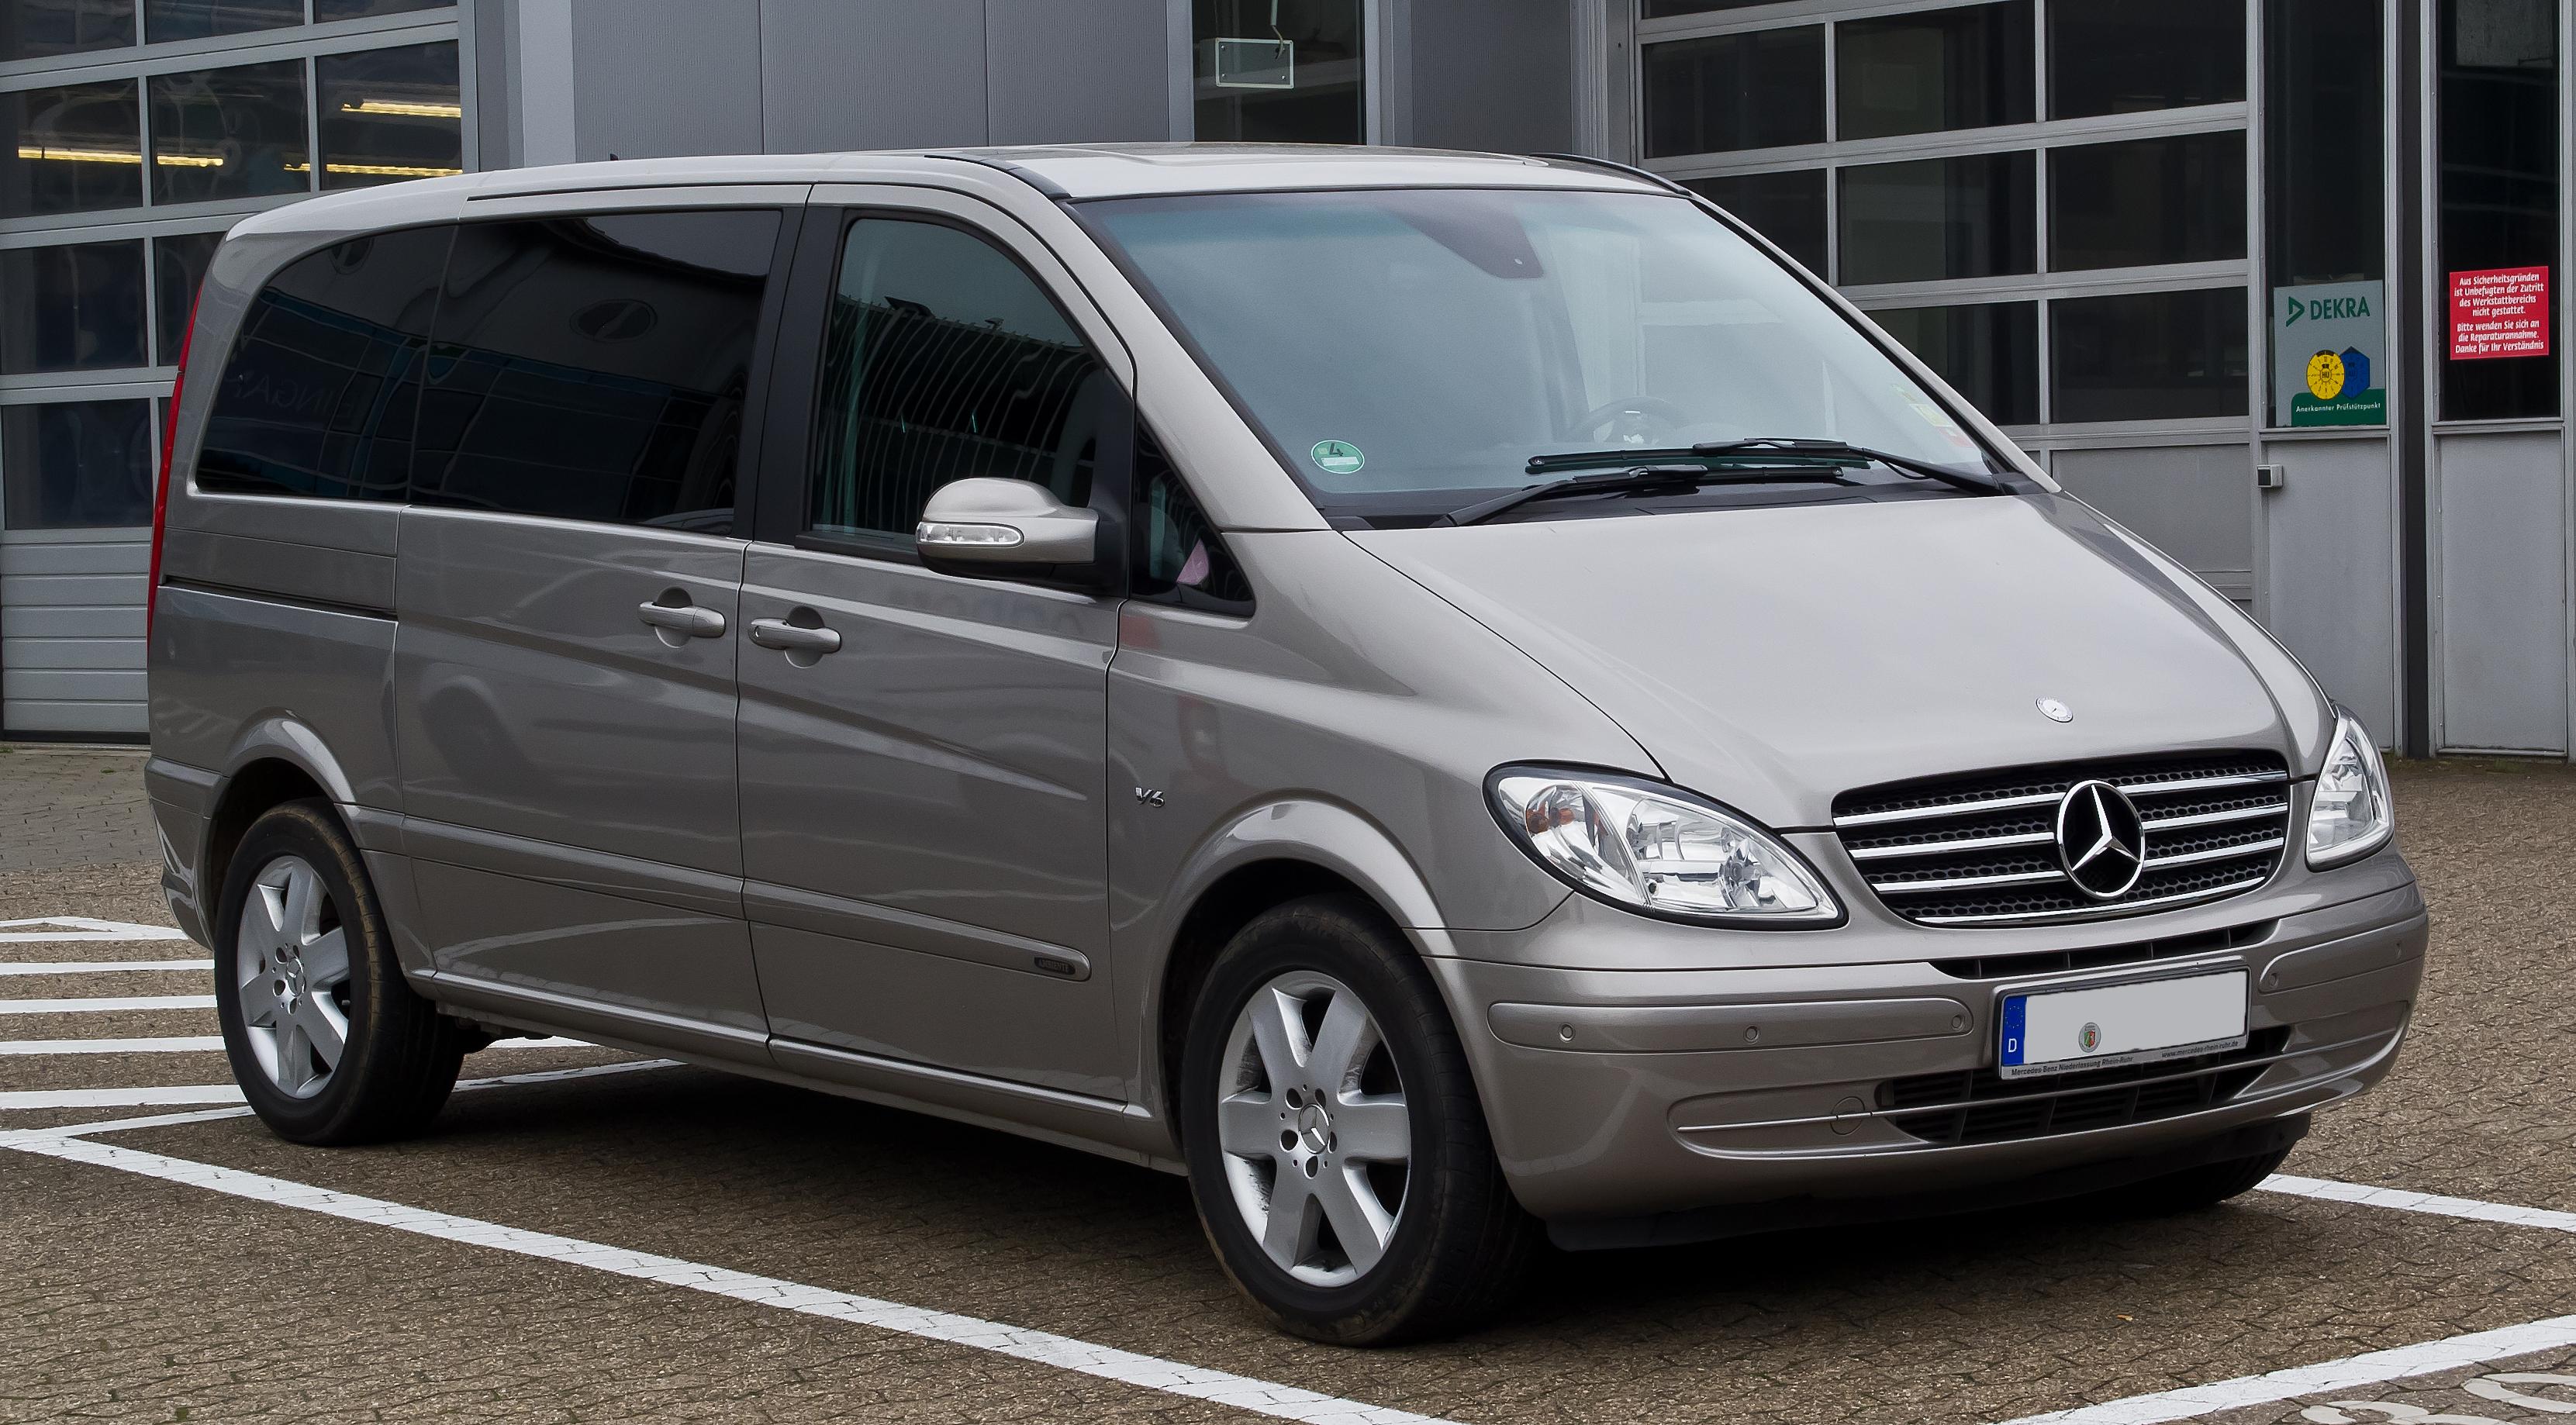 Neuer Sprinter 2019 >> File:Mercedes-Benz Viano Kompakt CDI 3.0 V6 Ambiente (W 639) – Frontansicht, 1. Juni 2013 ...